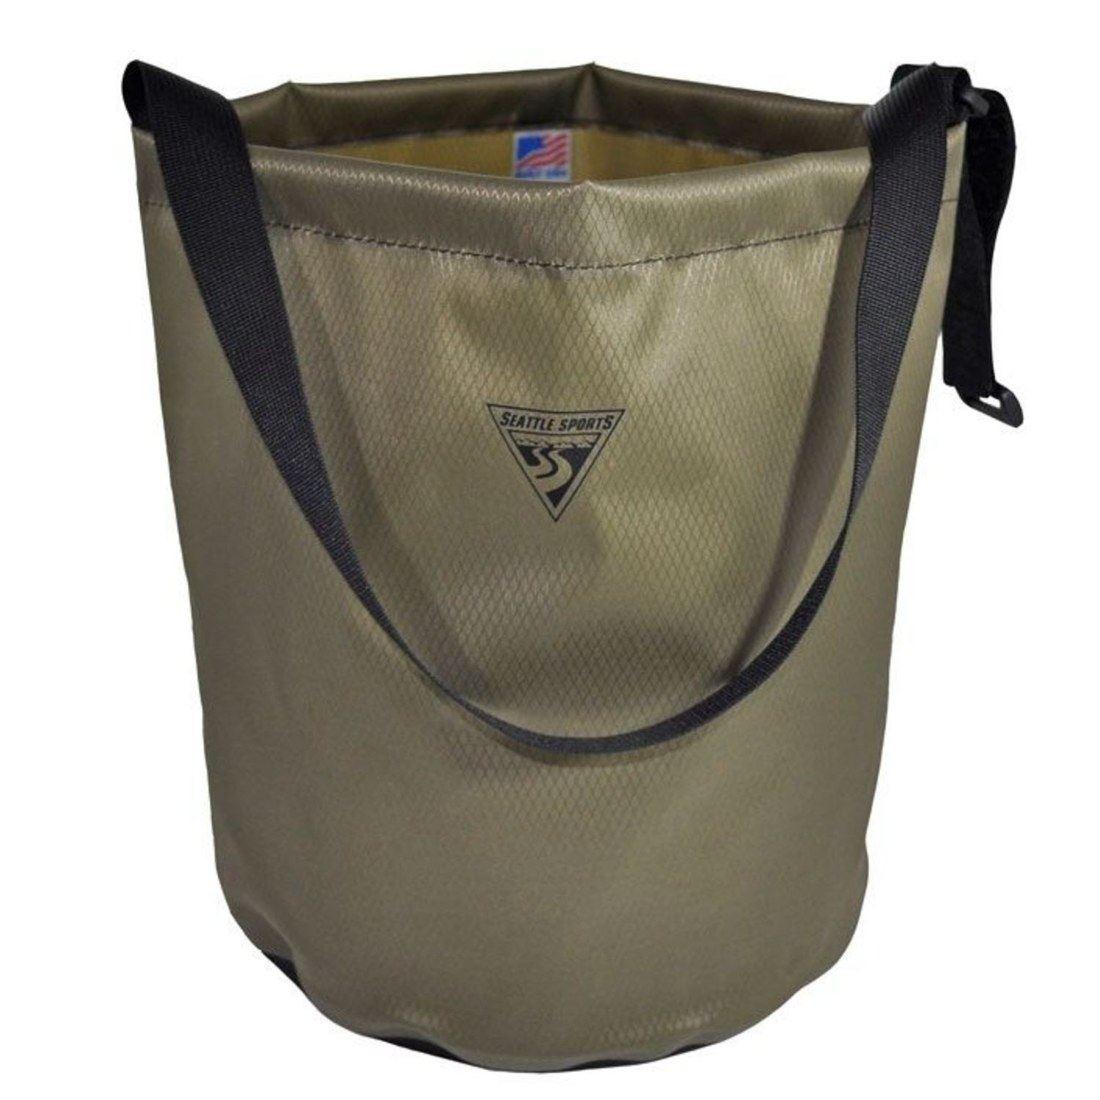 シアトルスポーツ ポケットバケット 12L コンパクトバケツ バッカン  国内正規品